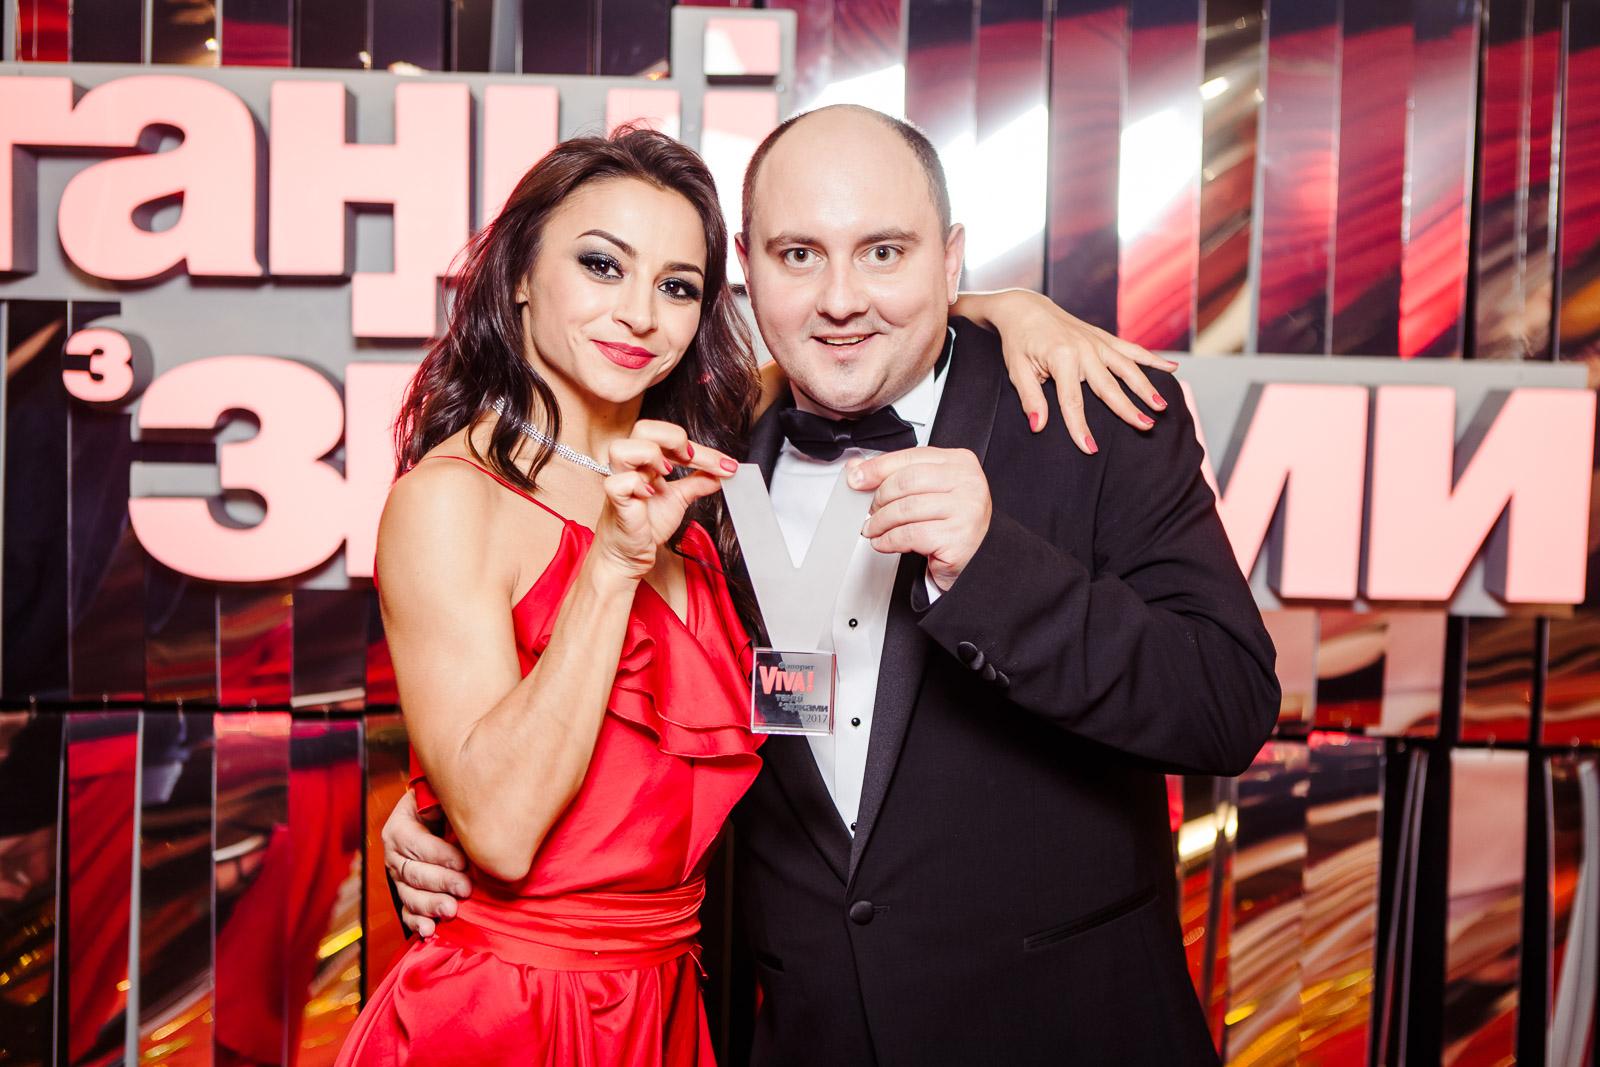 Фаворит Viva в Танцах со звездами Юрий Ткач: Лысым мне не понравилось быть